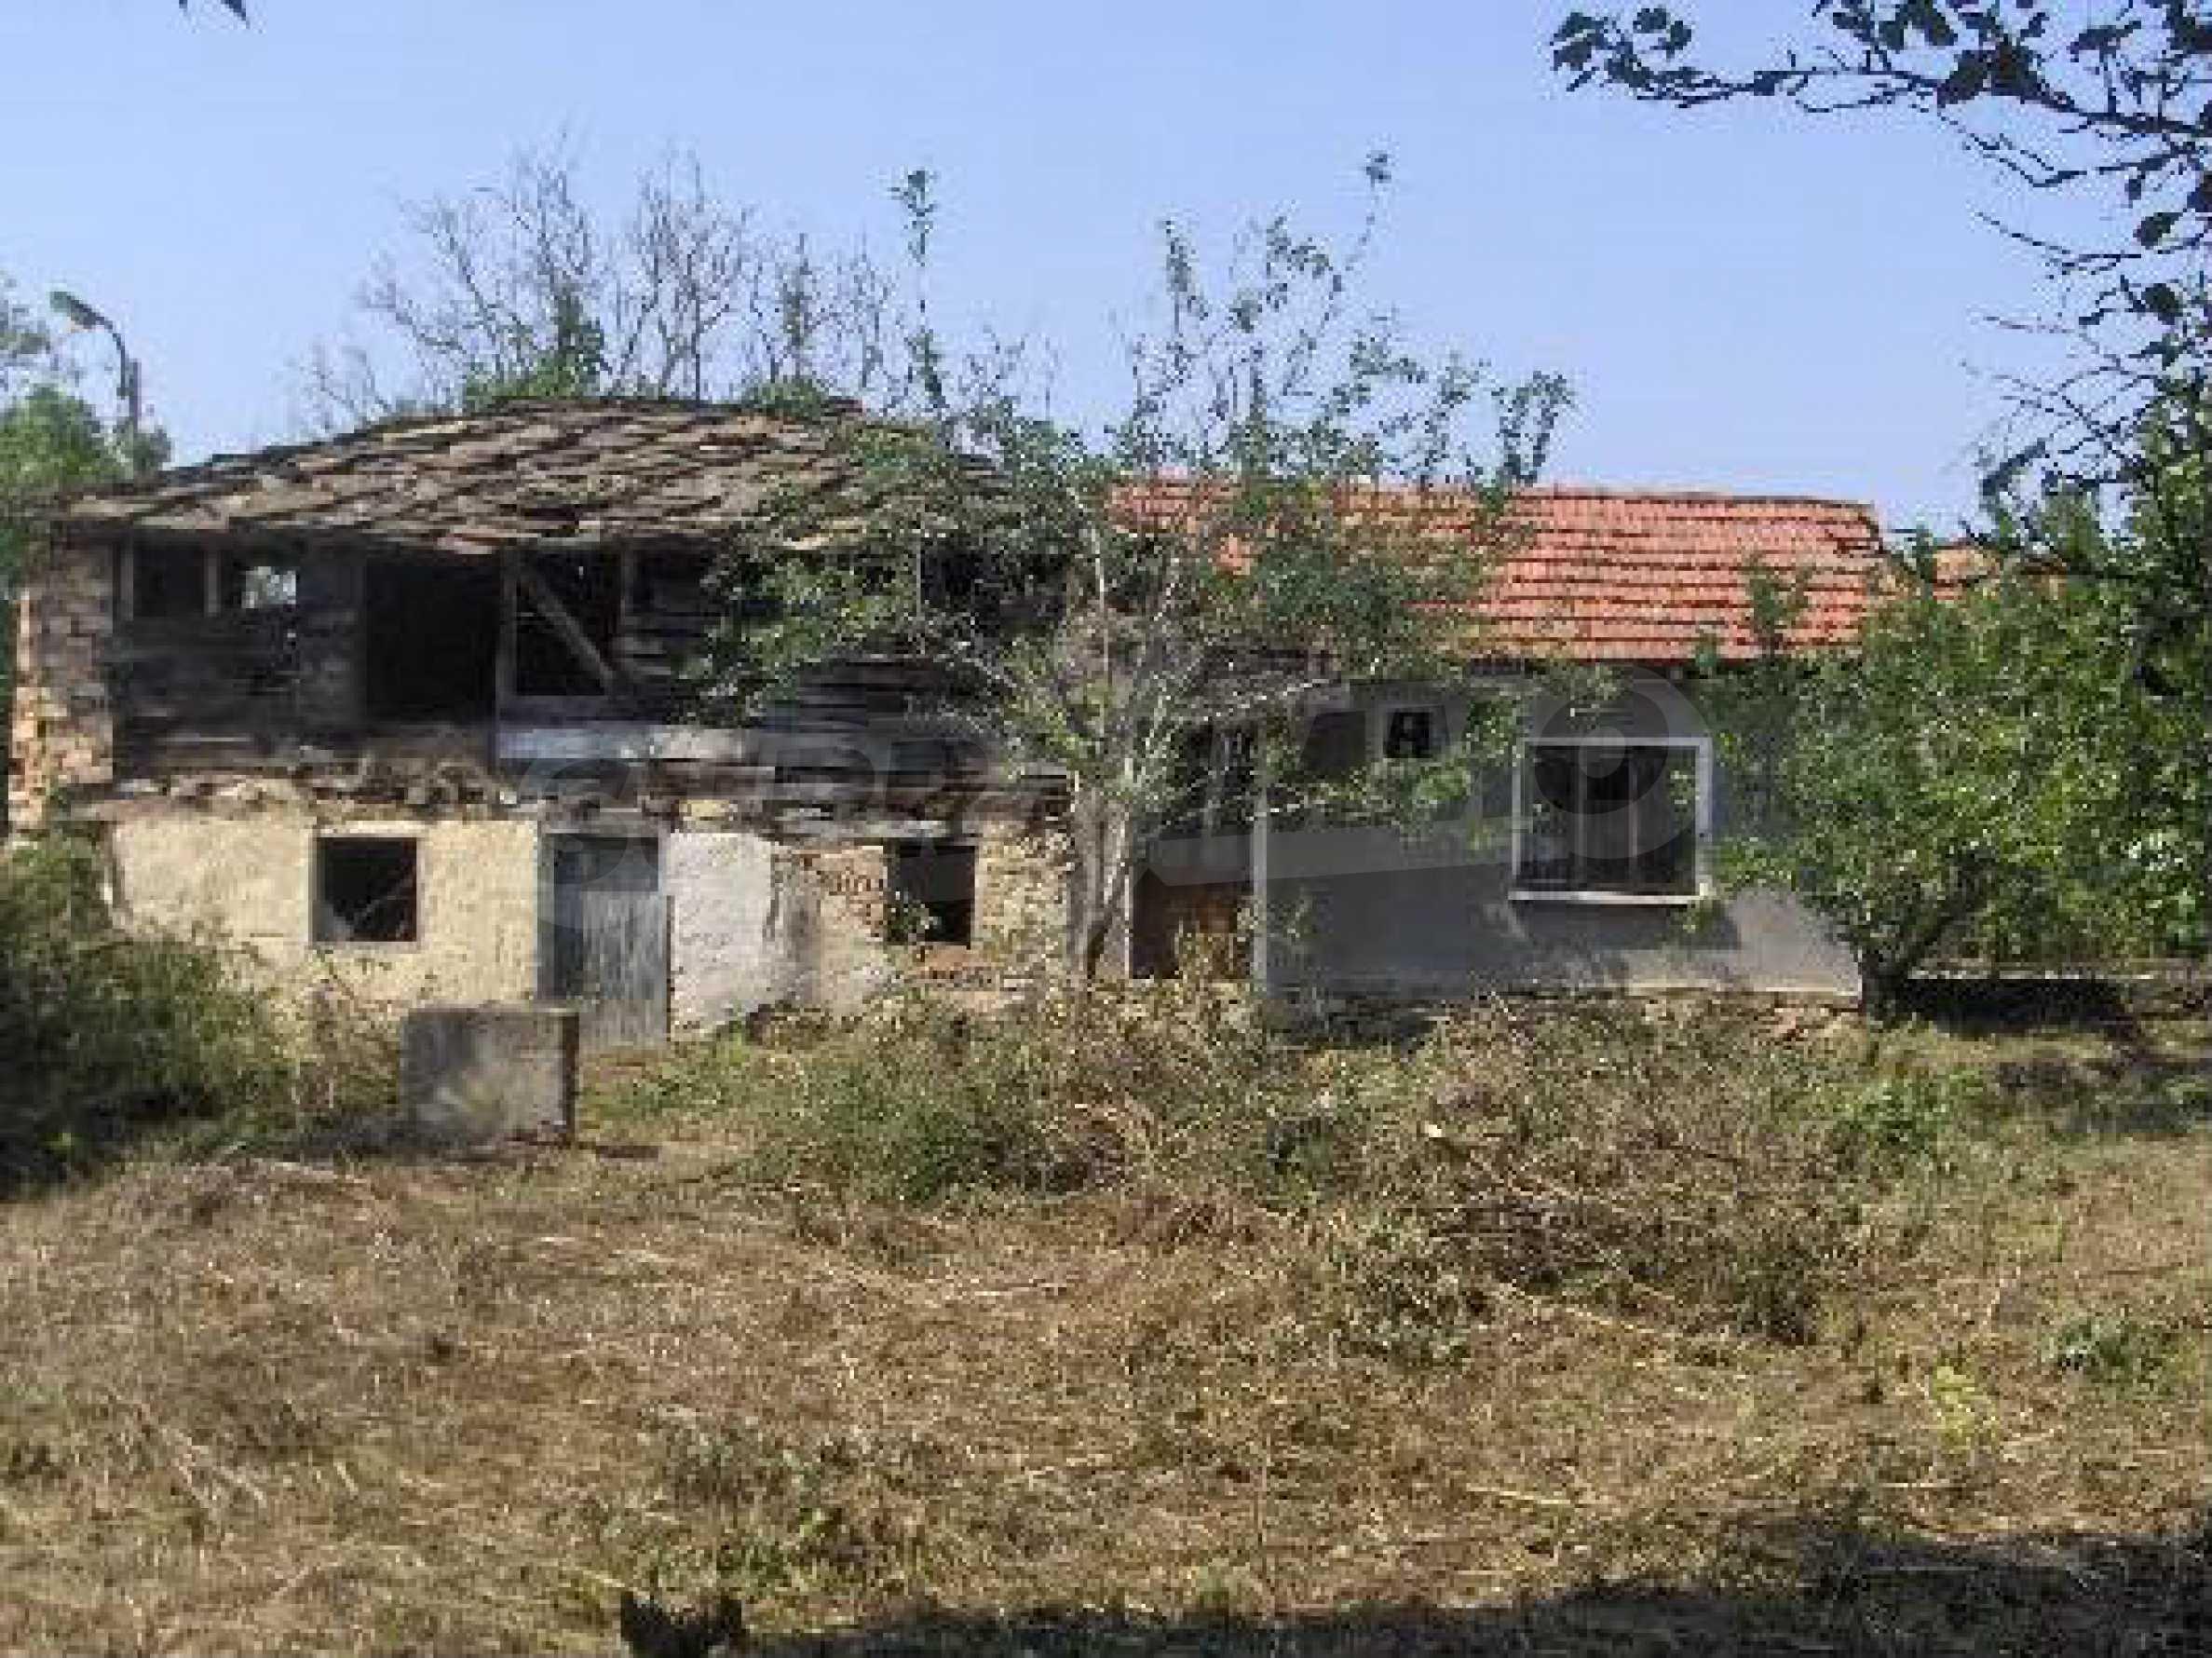 Einstöckiges Haus mit Garten 12 km von der Stadt Sevlievo entfernt